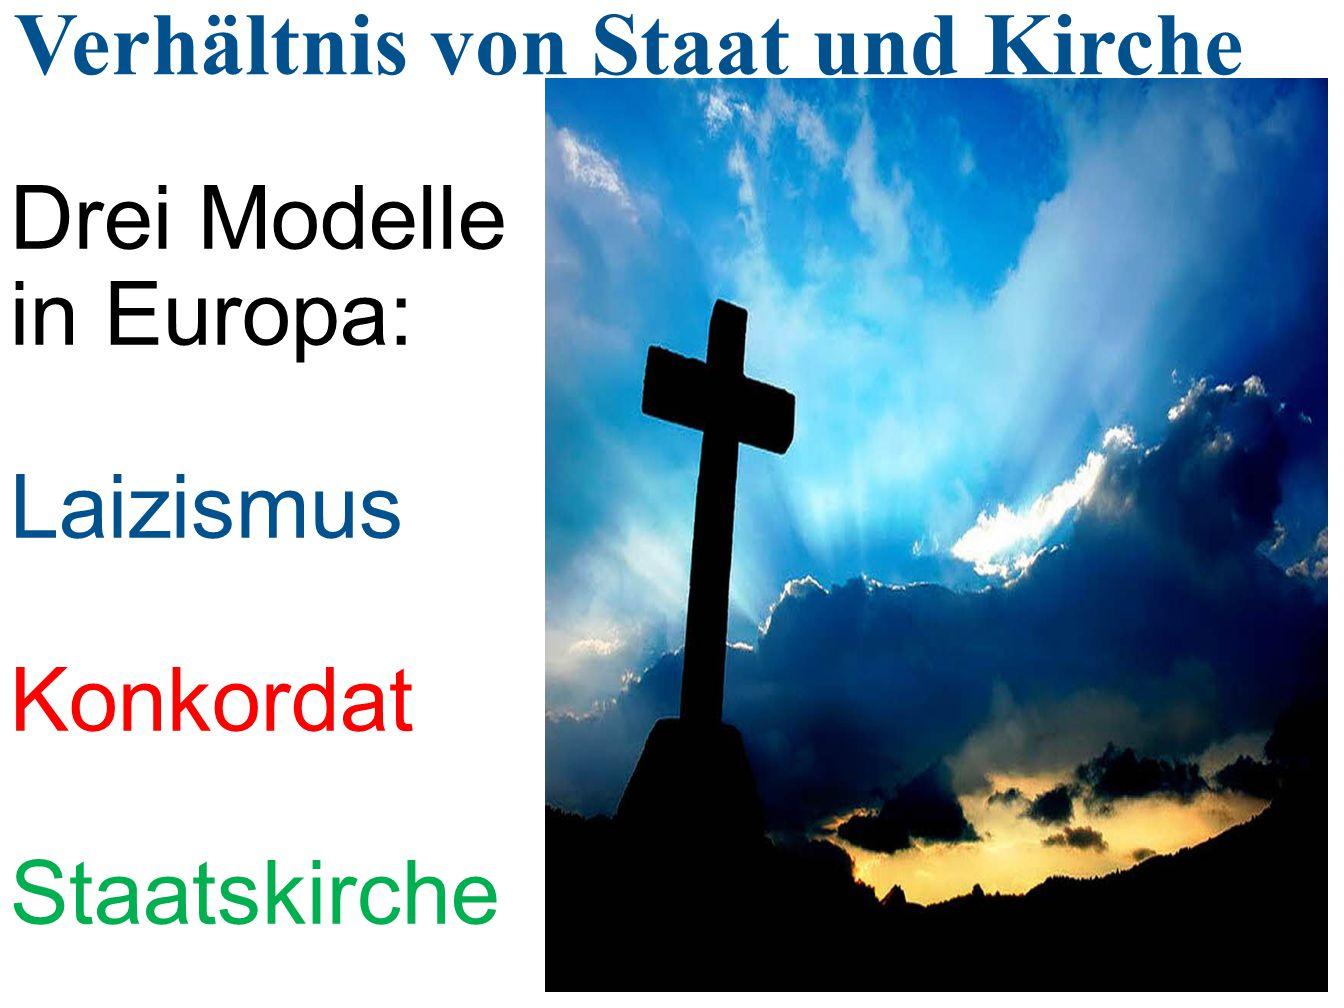 Verhältnis von Staat und Kirche